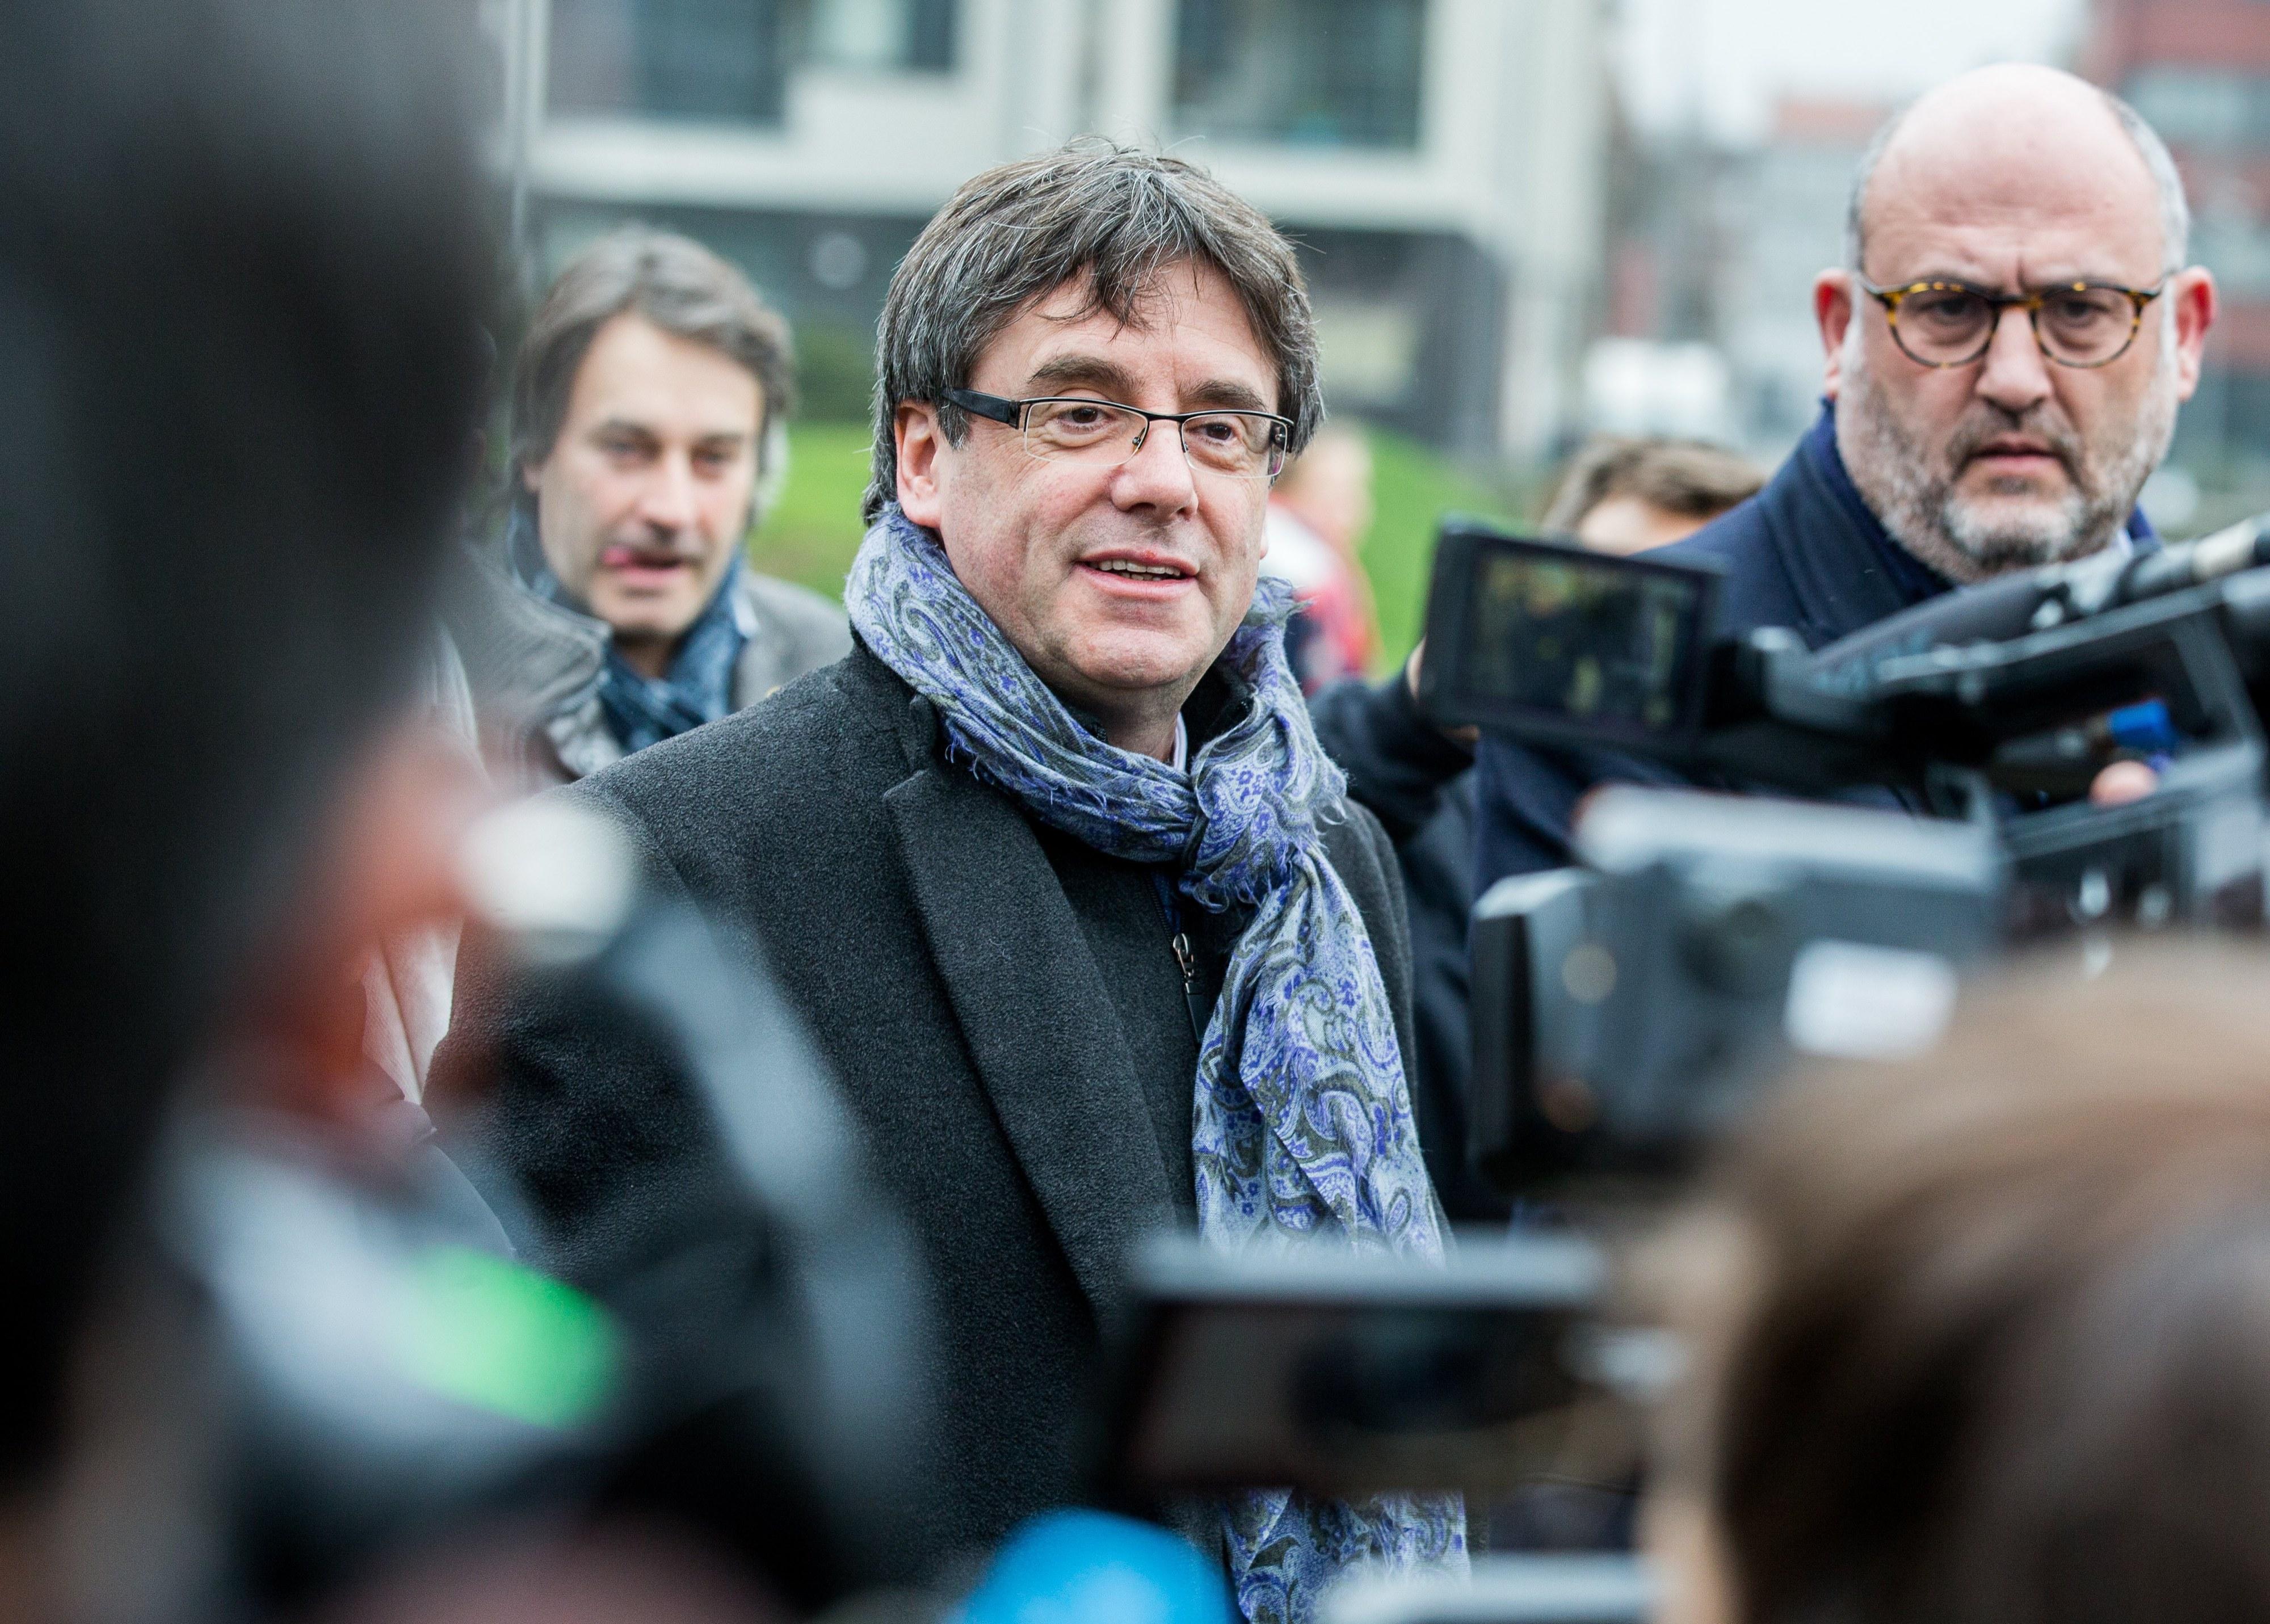 Espanha vai evitar regresso de Puigdemont, mesmo se escondido num porta-bagagens